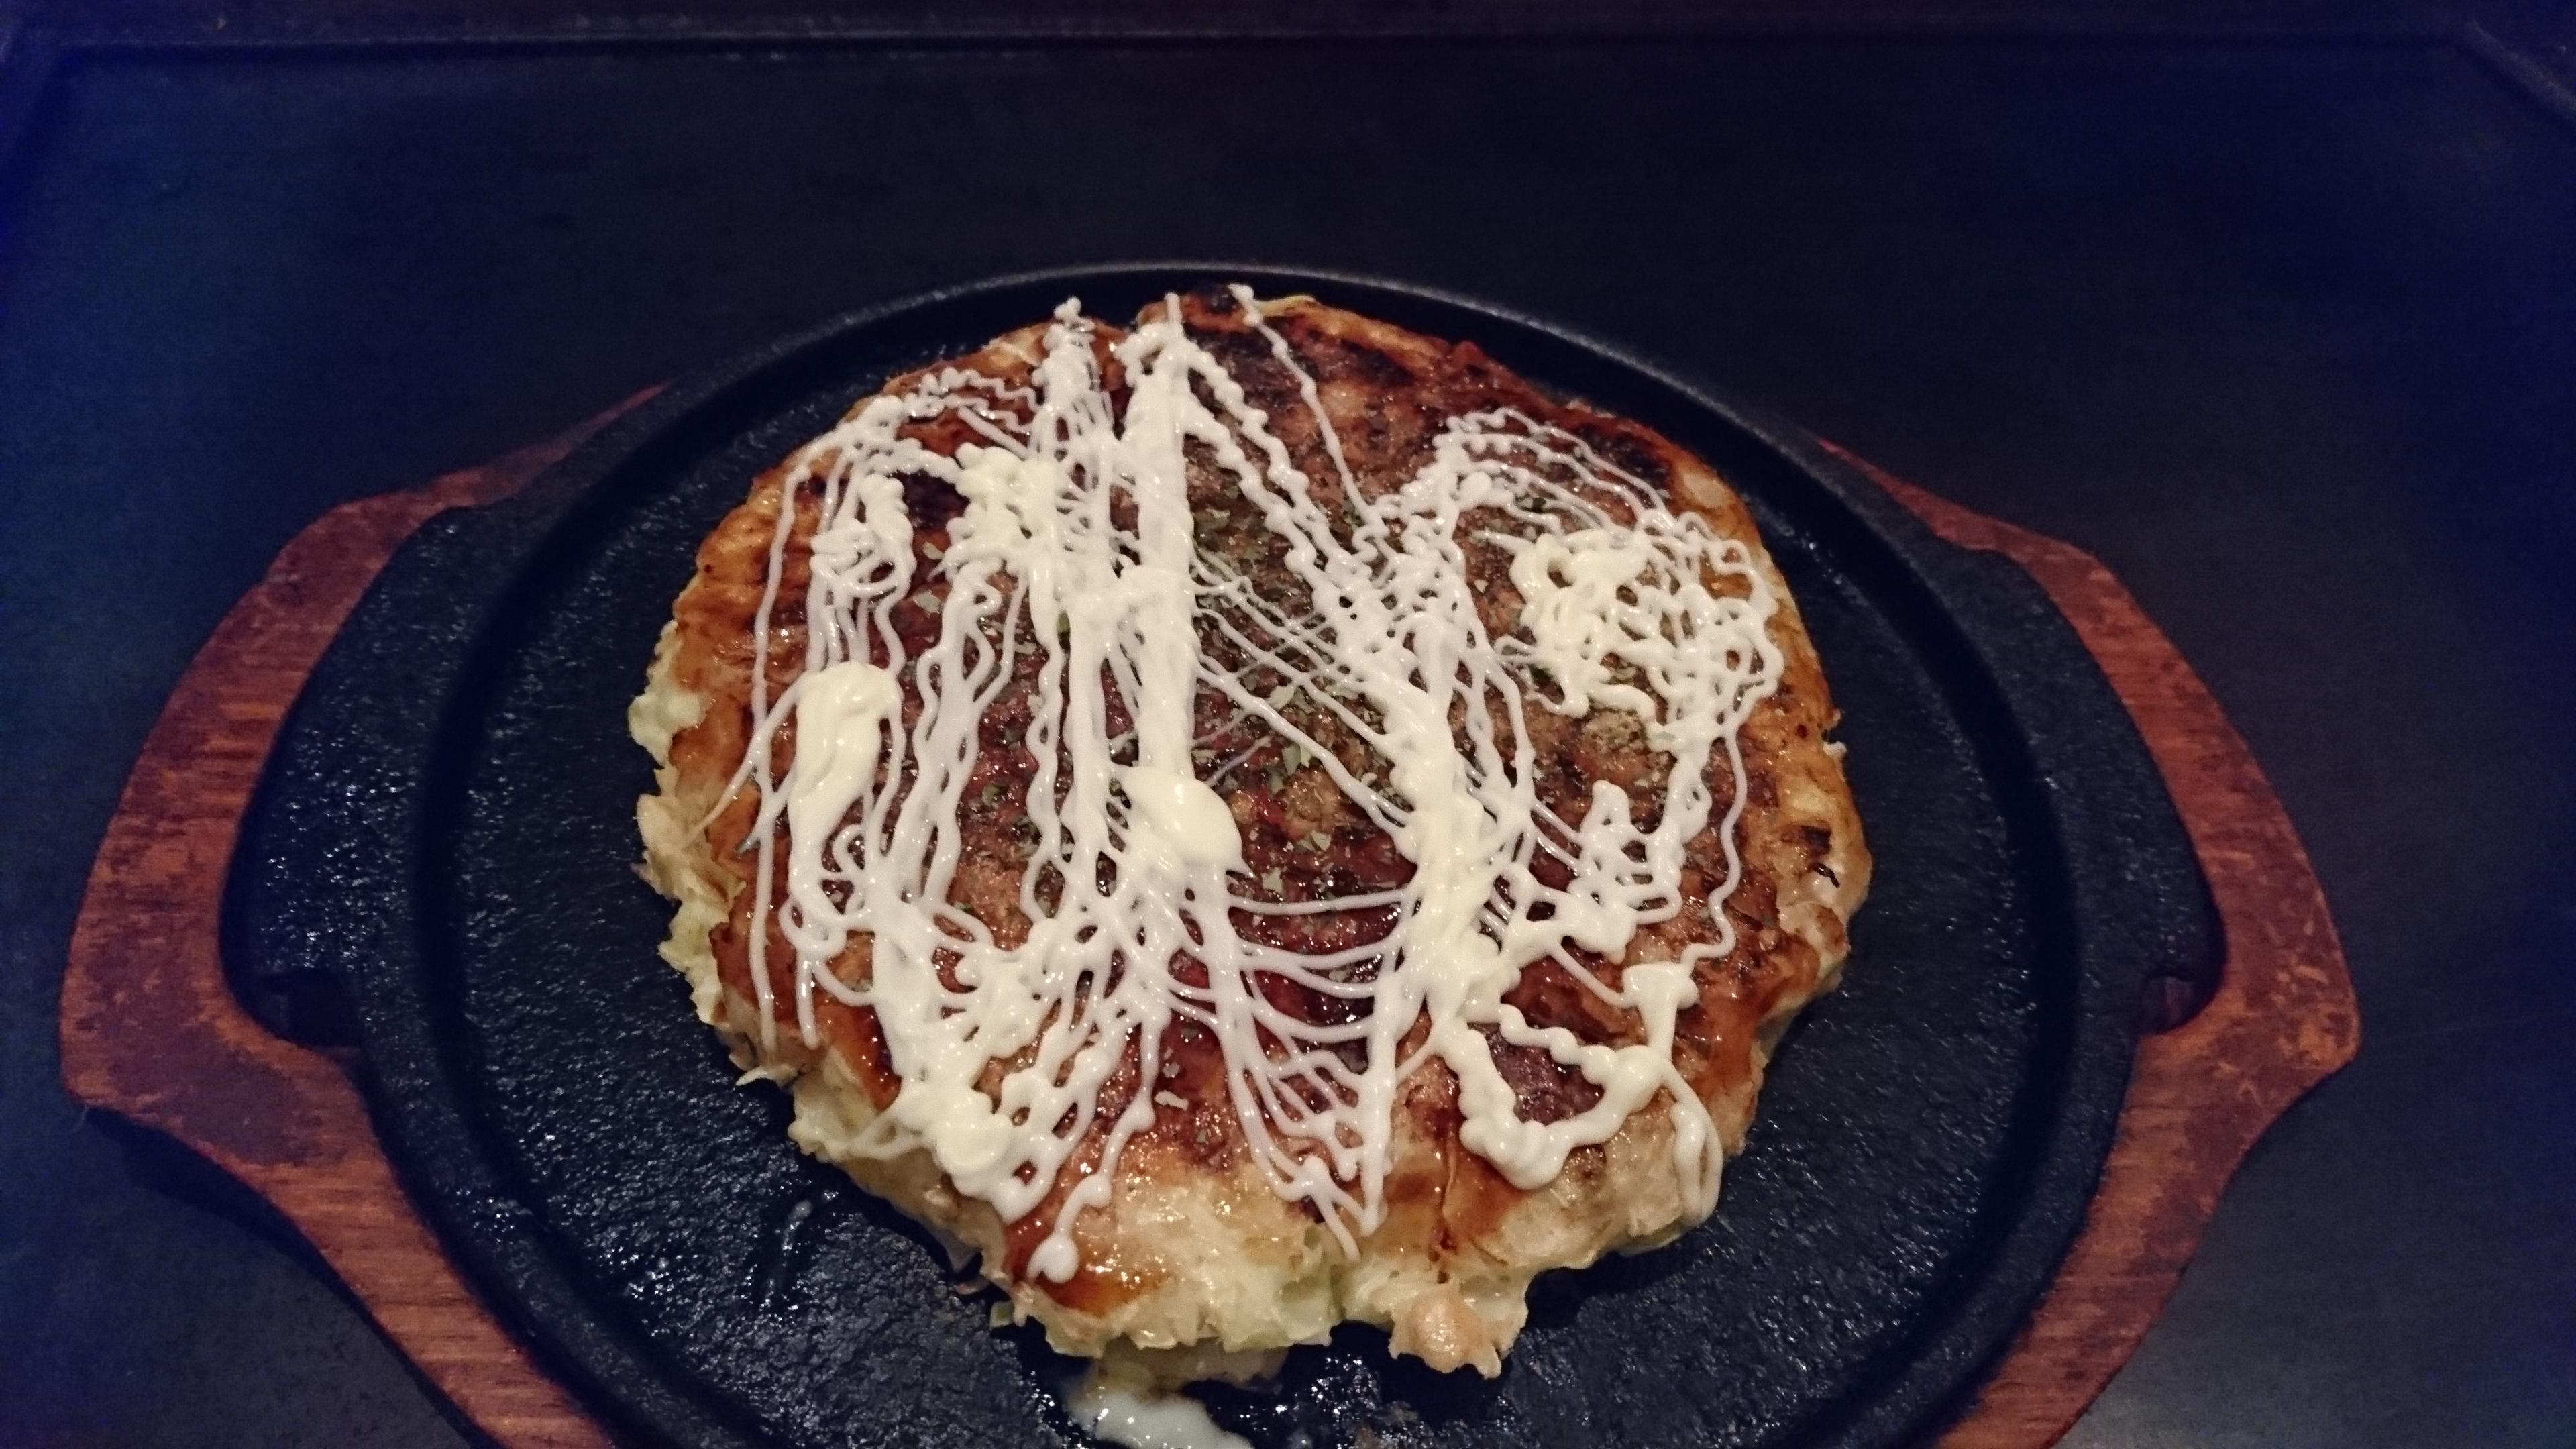 味も値段も大満足!松山市萱町商店街のお好み焼「みつ蜂」のサラダバー付お昼のランチがオススメ!